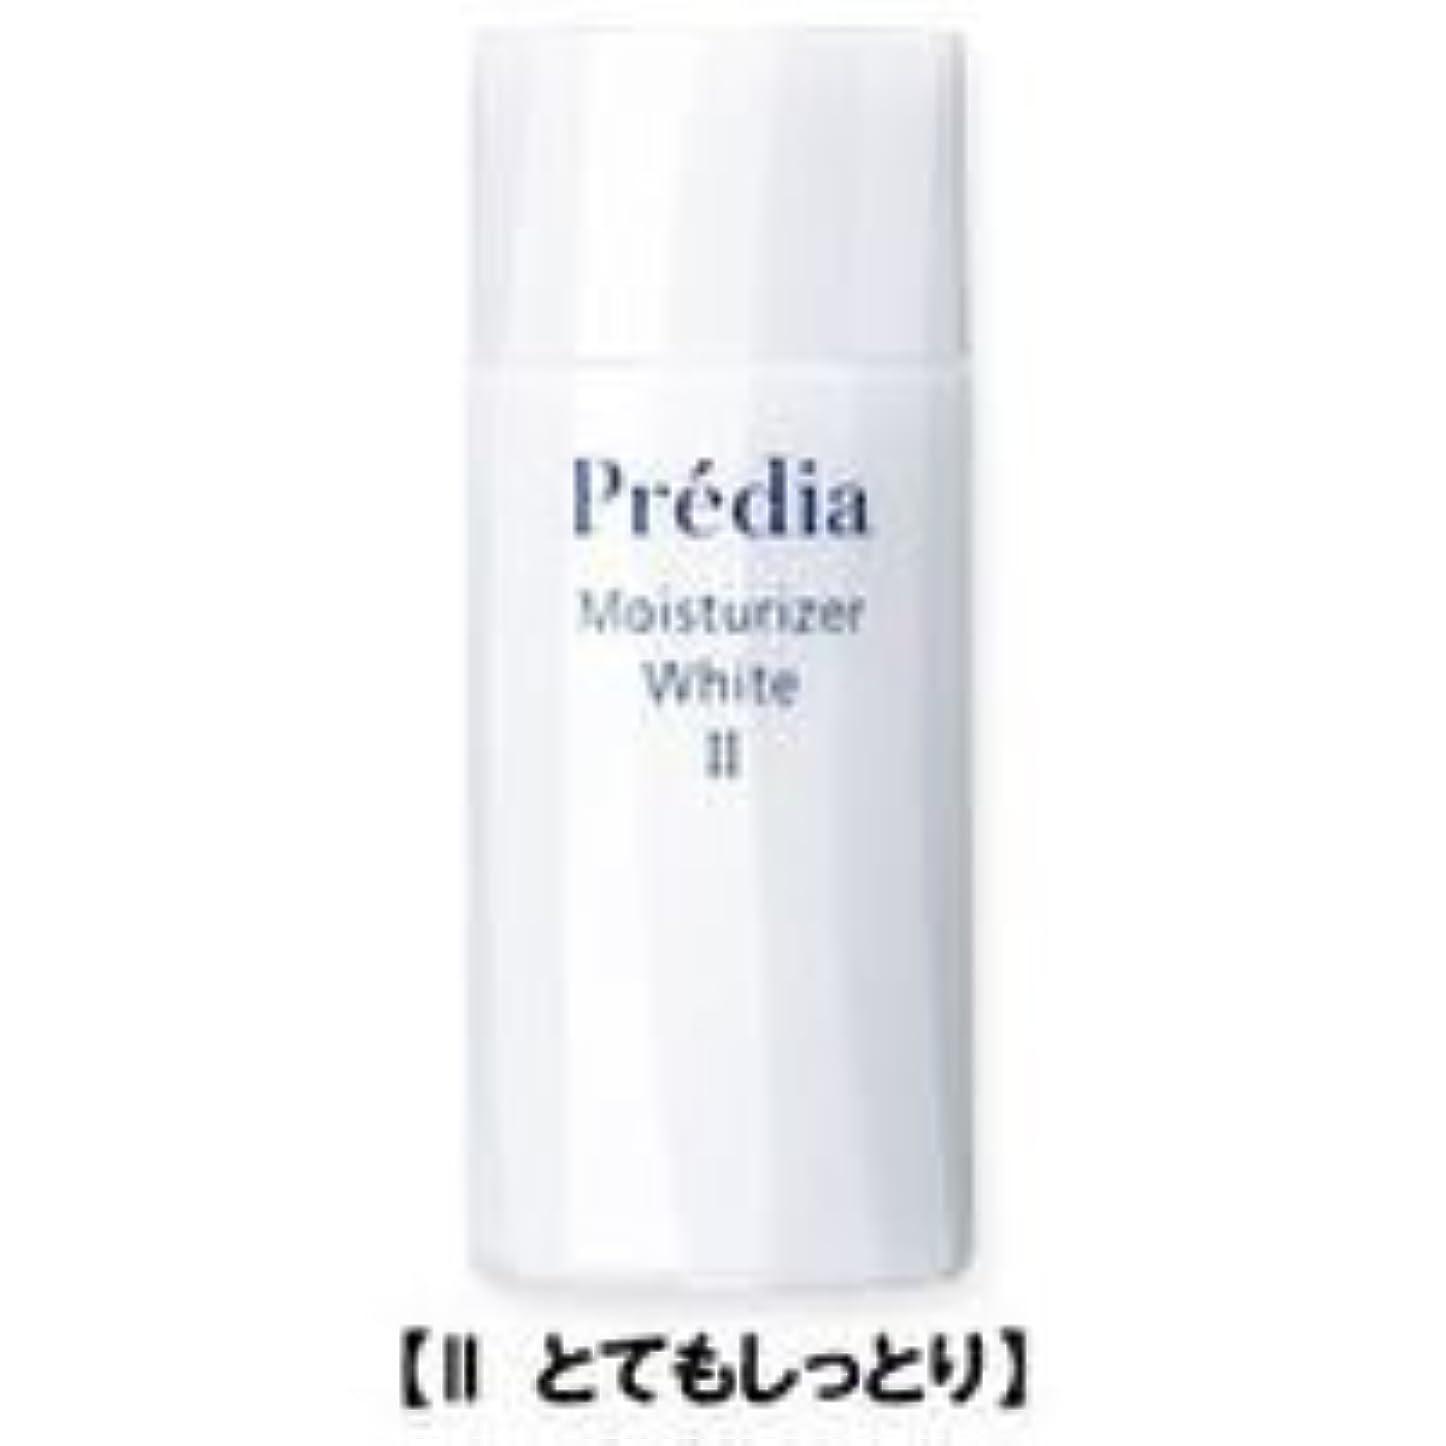 若者平行難民コーセー プレディア モイスチュアライザー ホワイト II とてもしっとり 120ml 乳液